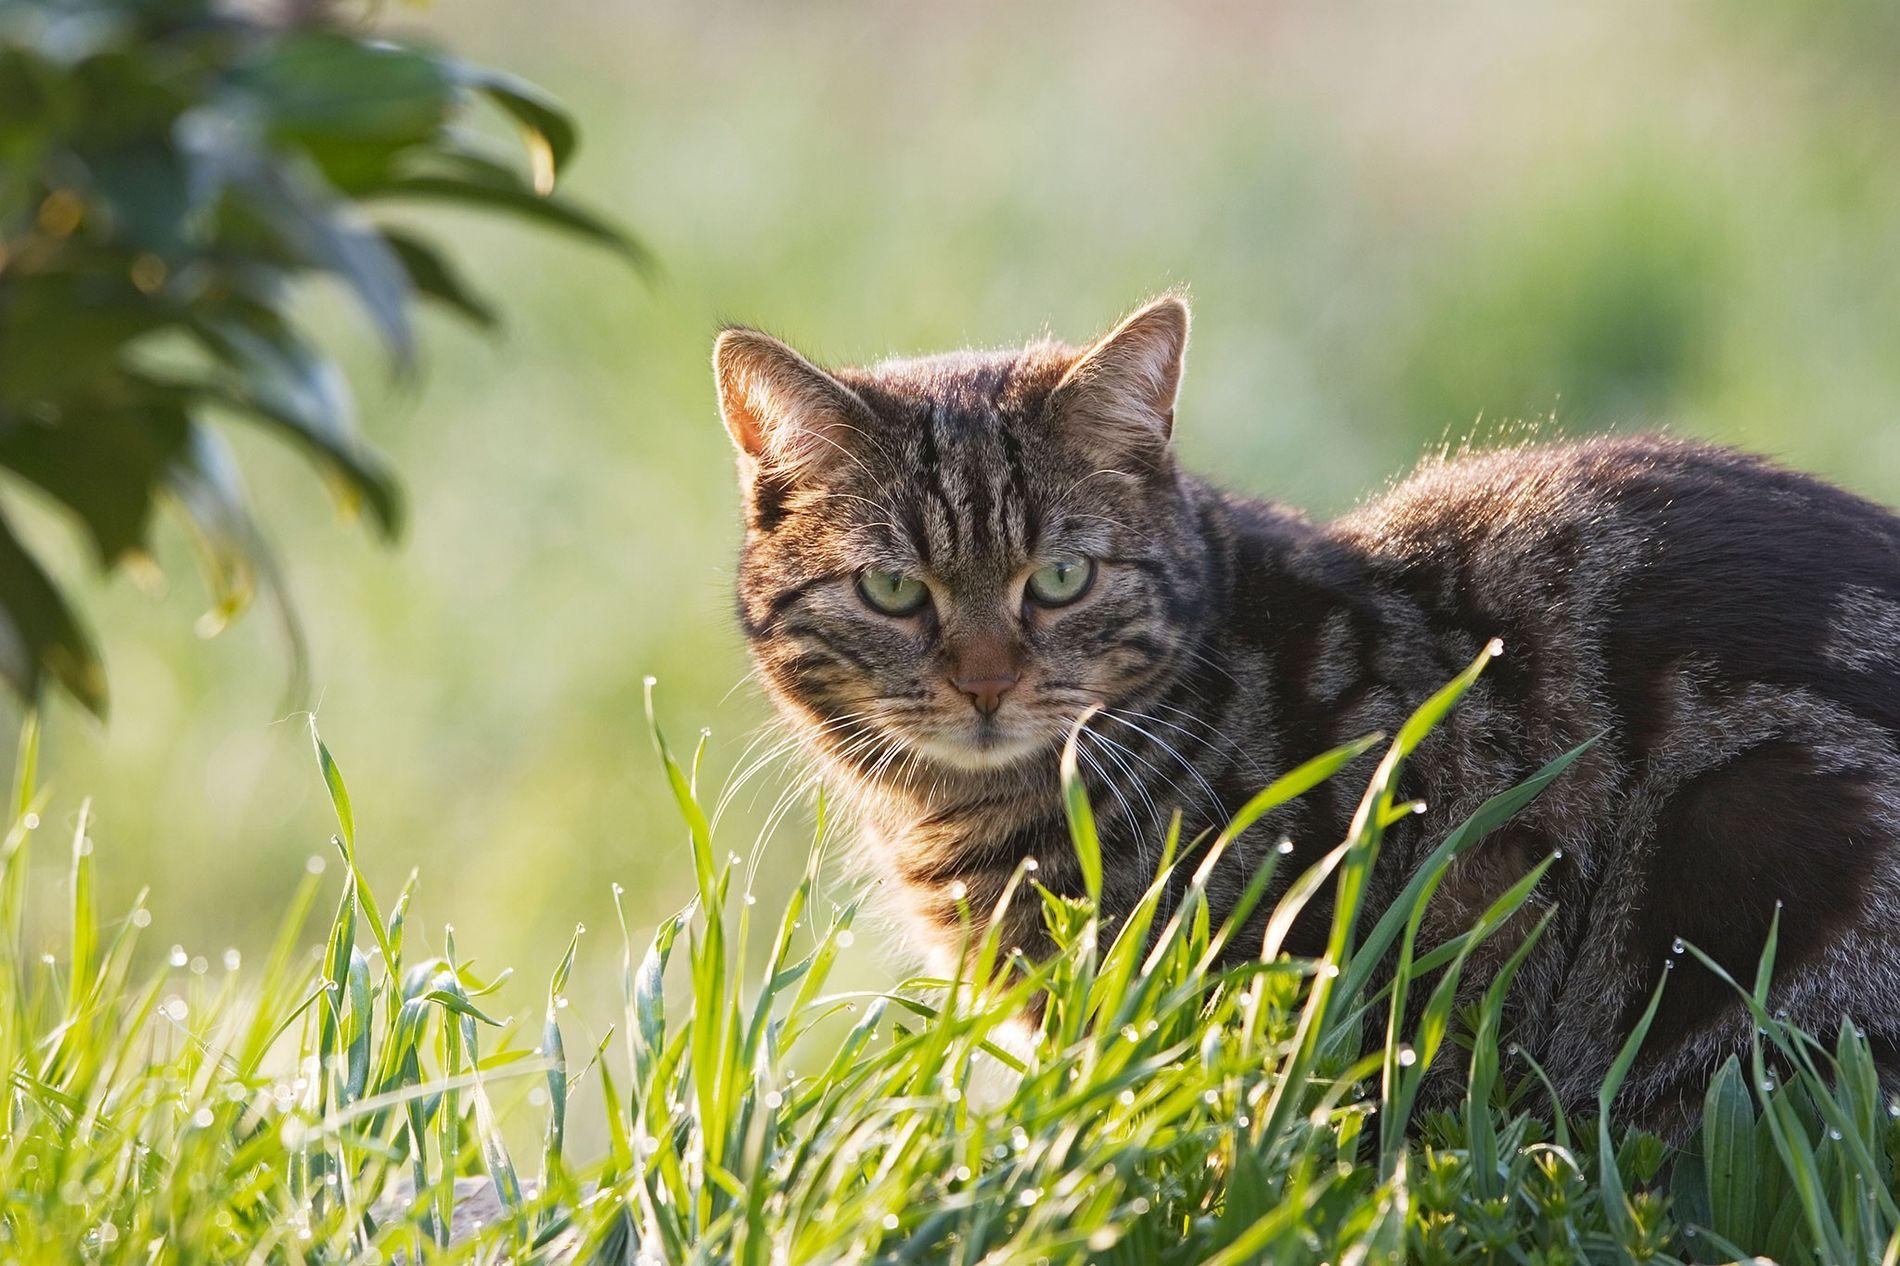 Eles podem parecer fofos, mas, de acordo com uma nova pesquisa, o instinto matador dos gatos ...